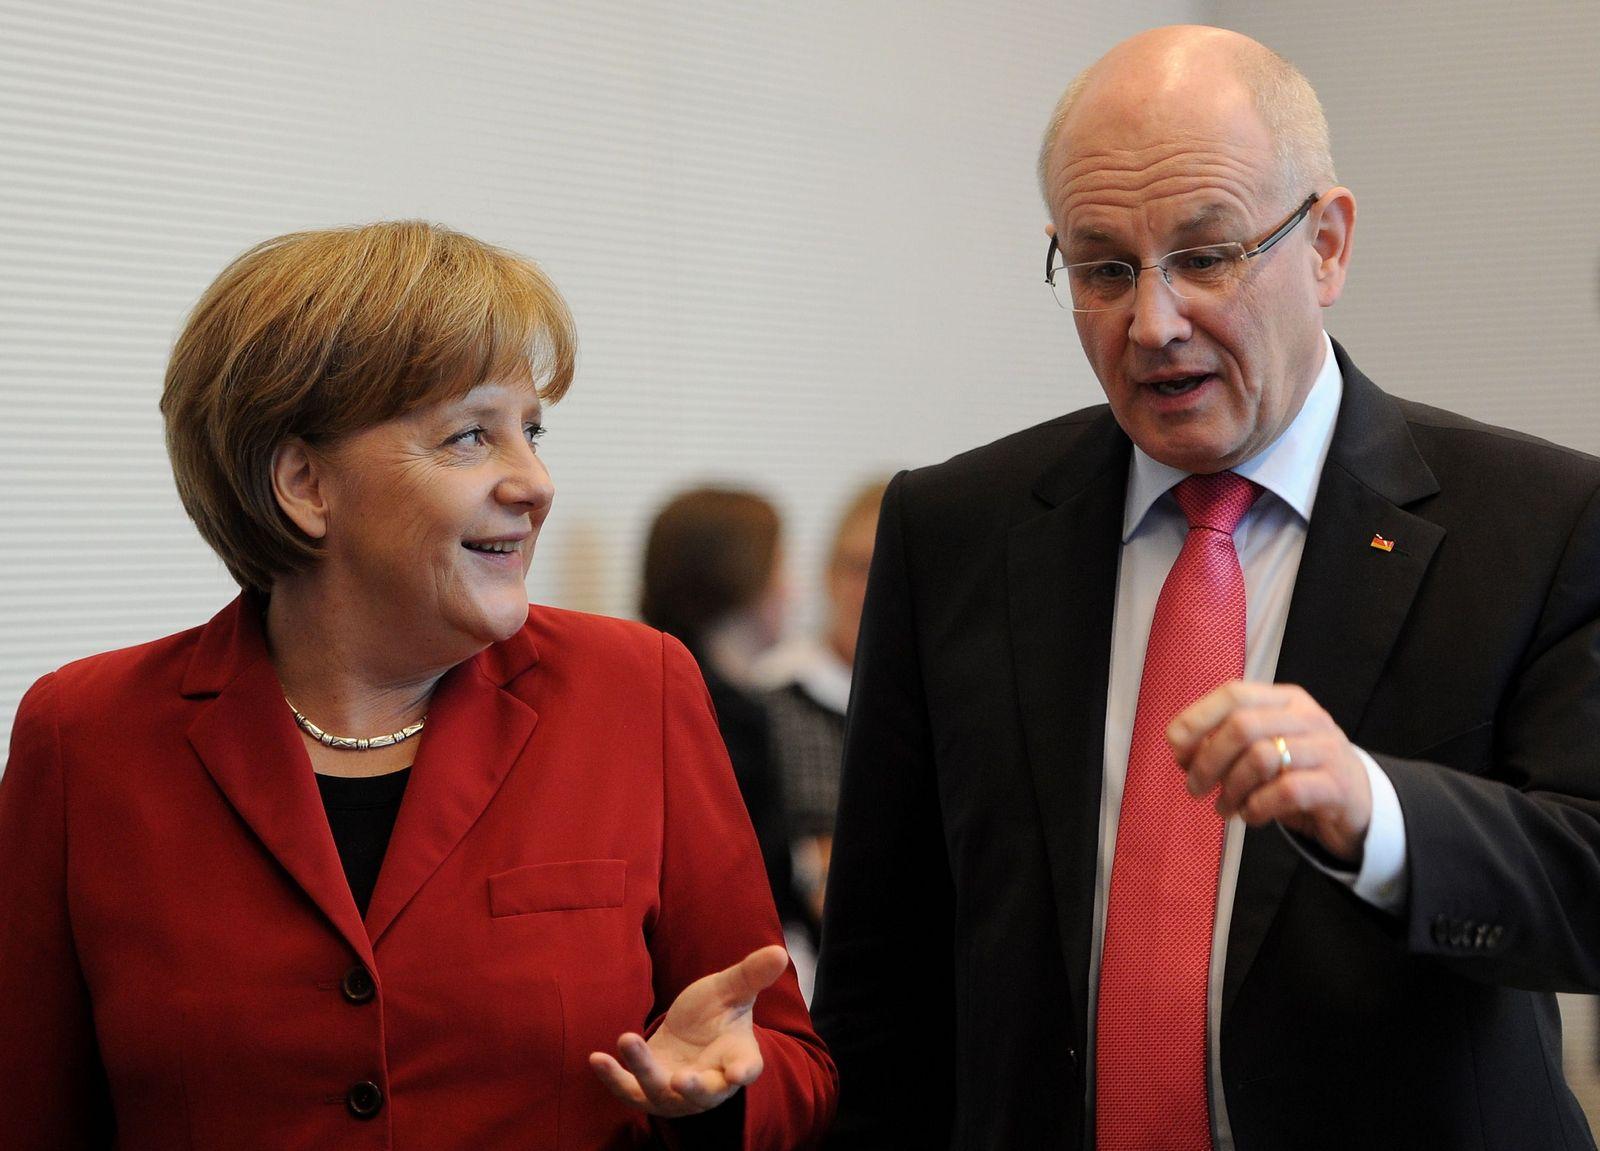 NICHT VERWENDEN Kauder Merkel Atom Moratorium